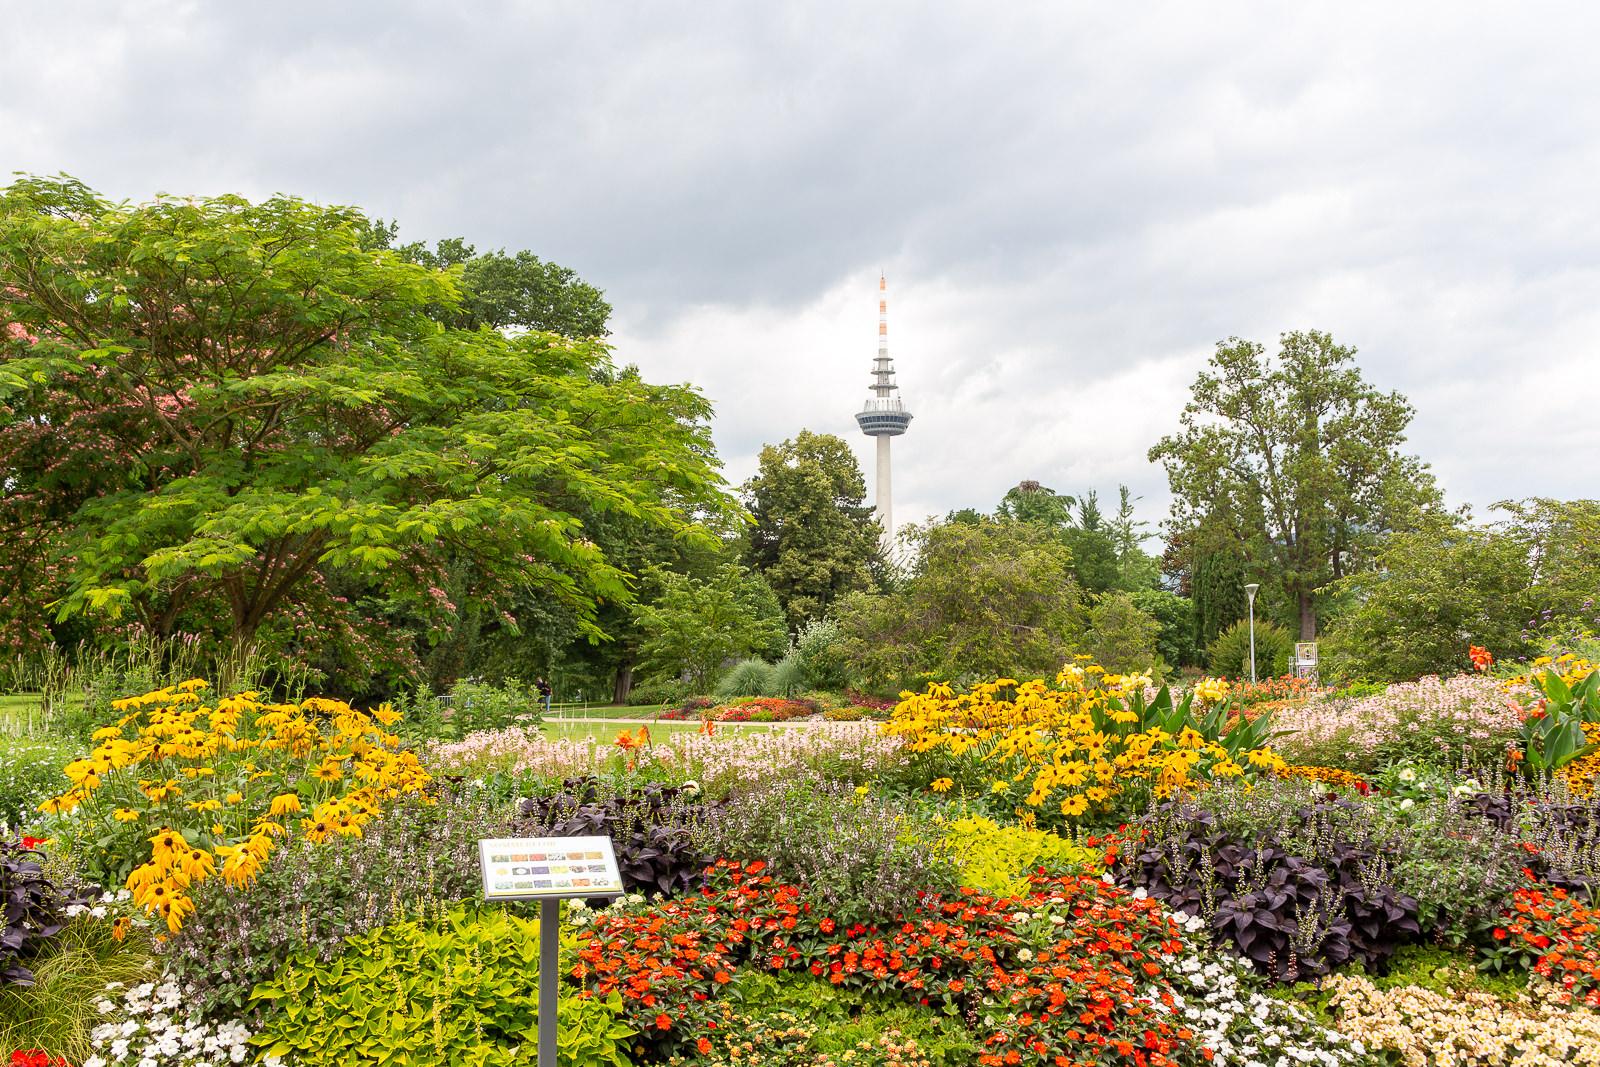 Luisenpark ist der größte Stadtpark von Mannheim